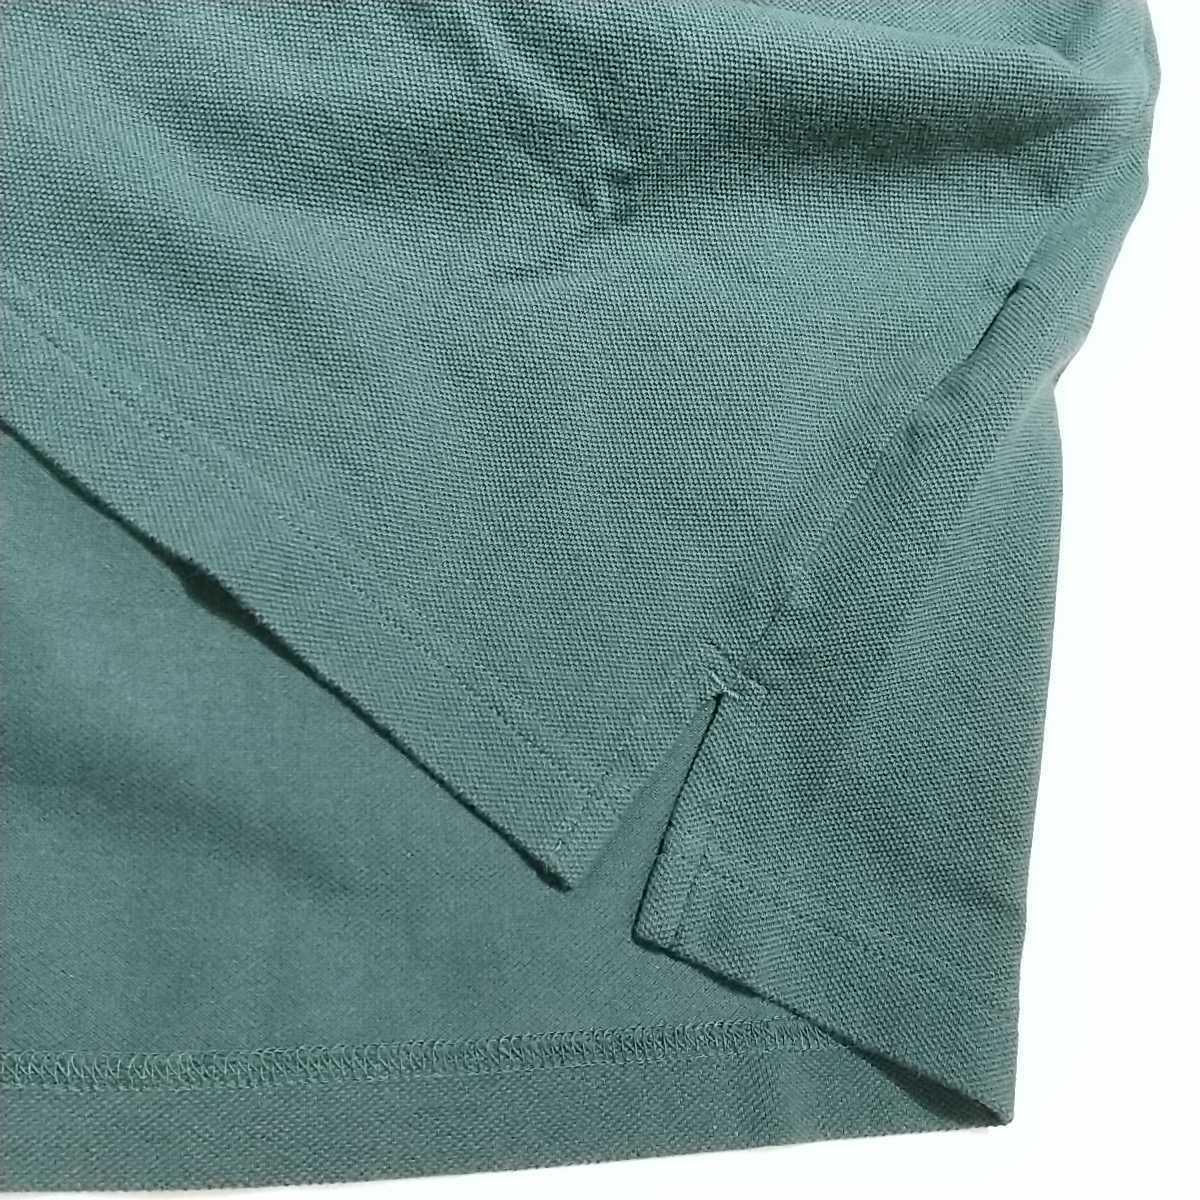 ★PEARLYGATES パーリーゲイツ 半袖 ポロシャツ ゴルフ ウエア 鹿の子 メンズ size4 (M) 深緑 グリーン ロゴワッペン カーキ_画像8